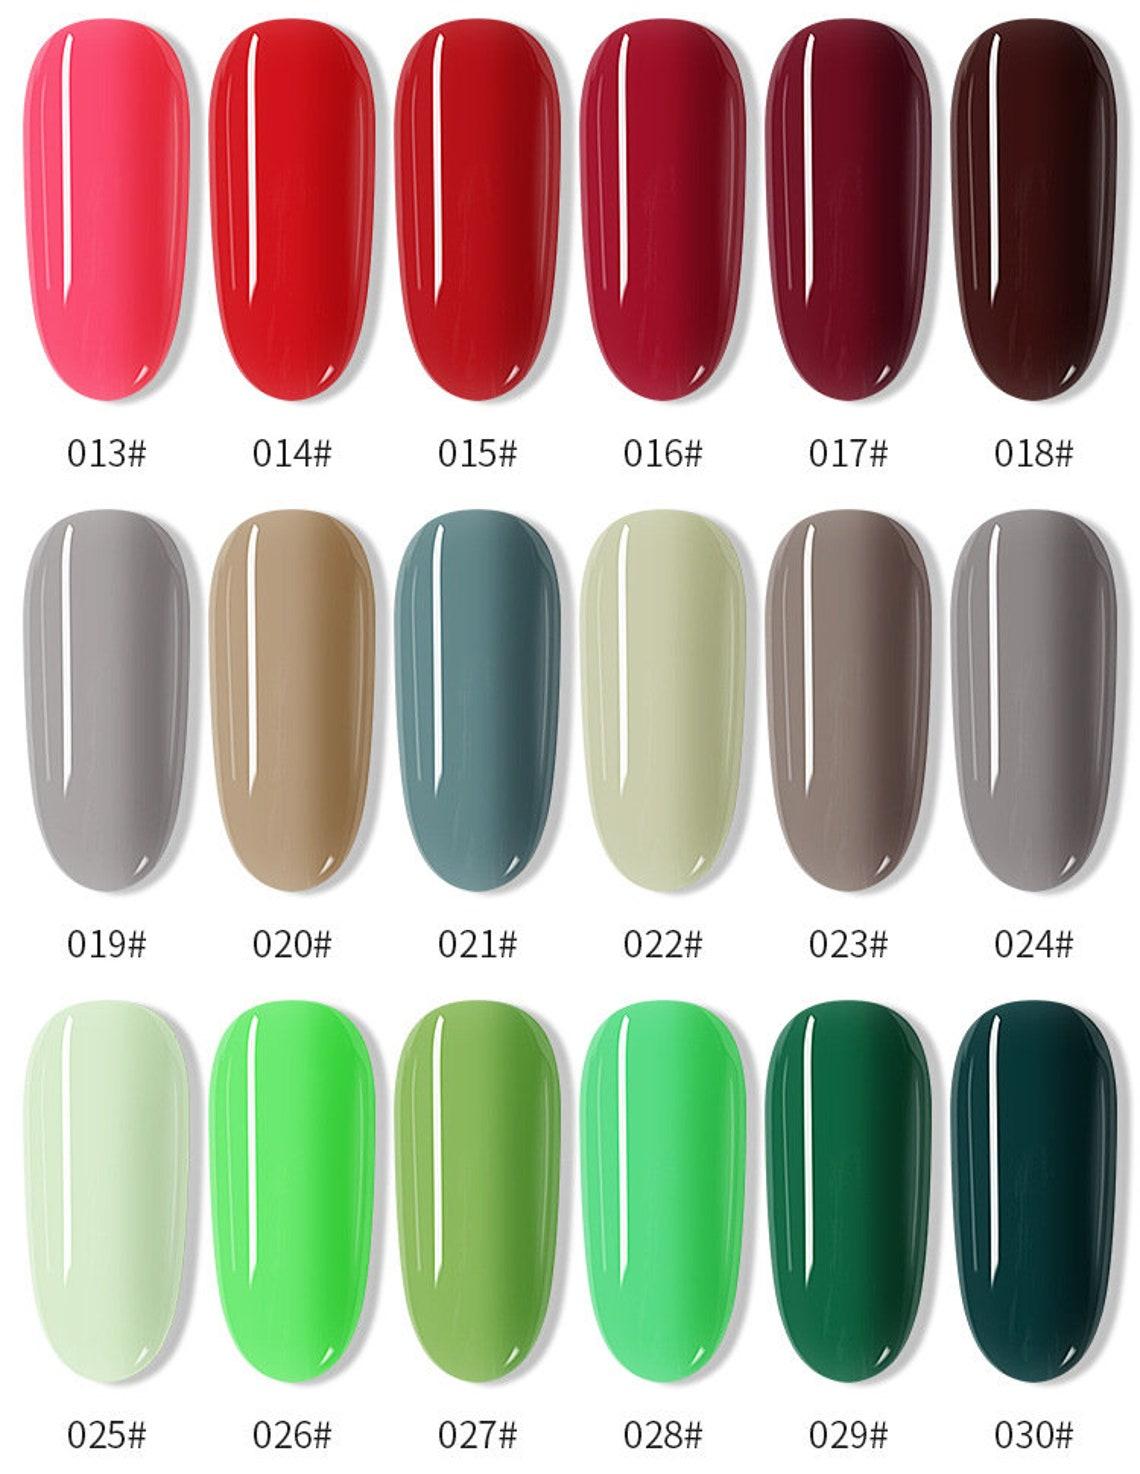 120 colors Nail Stamping Polish 7.5ml Colorful Printing image 2